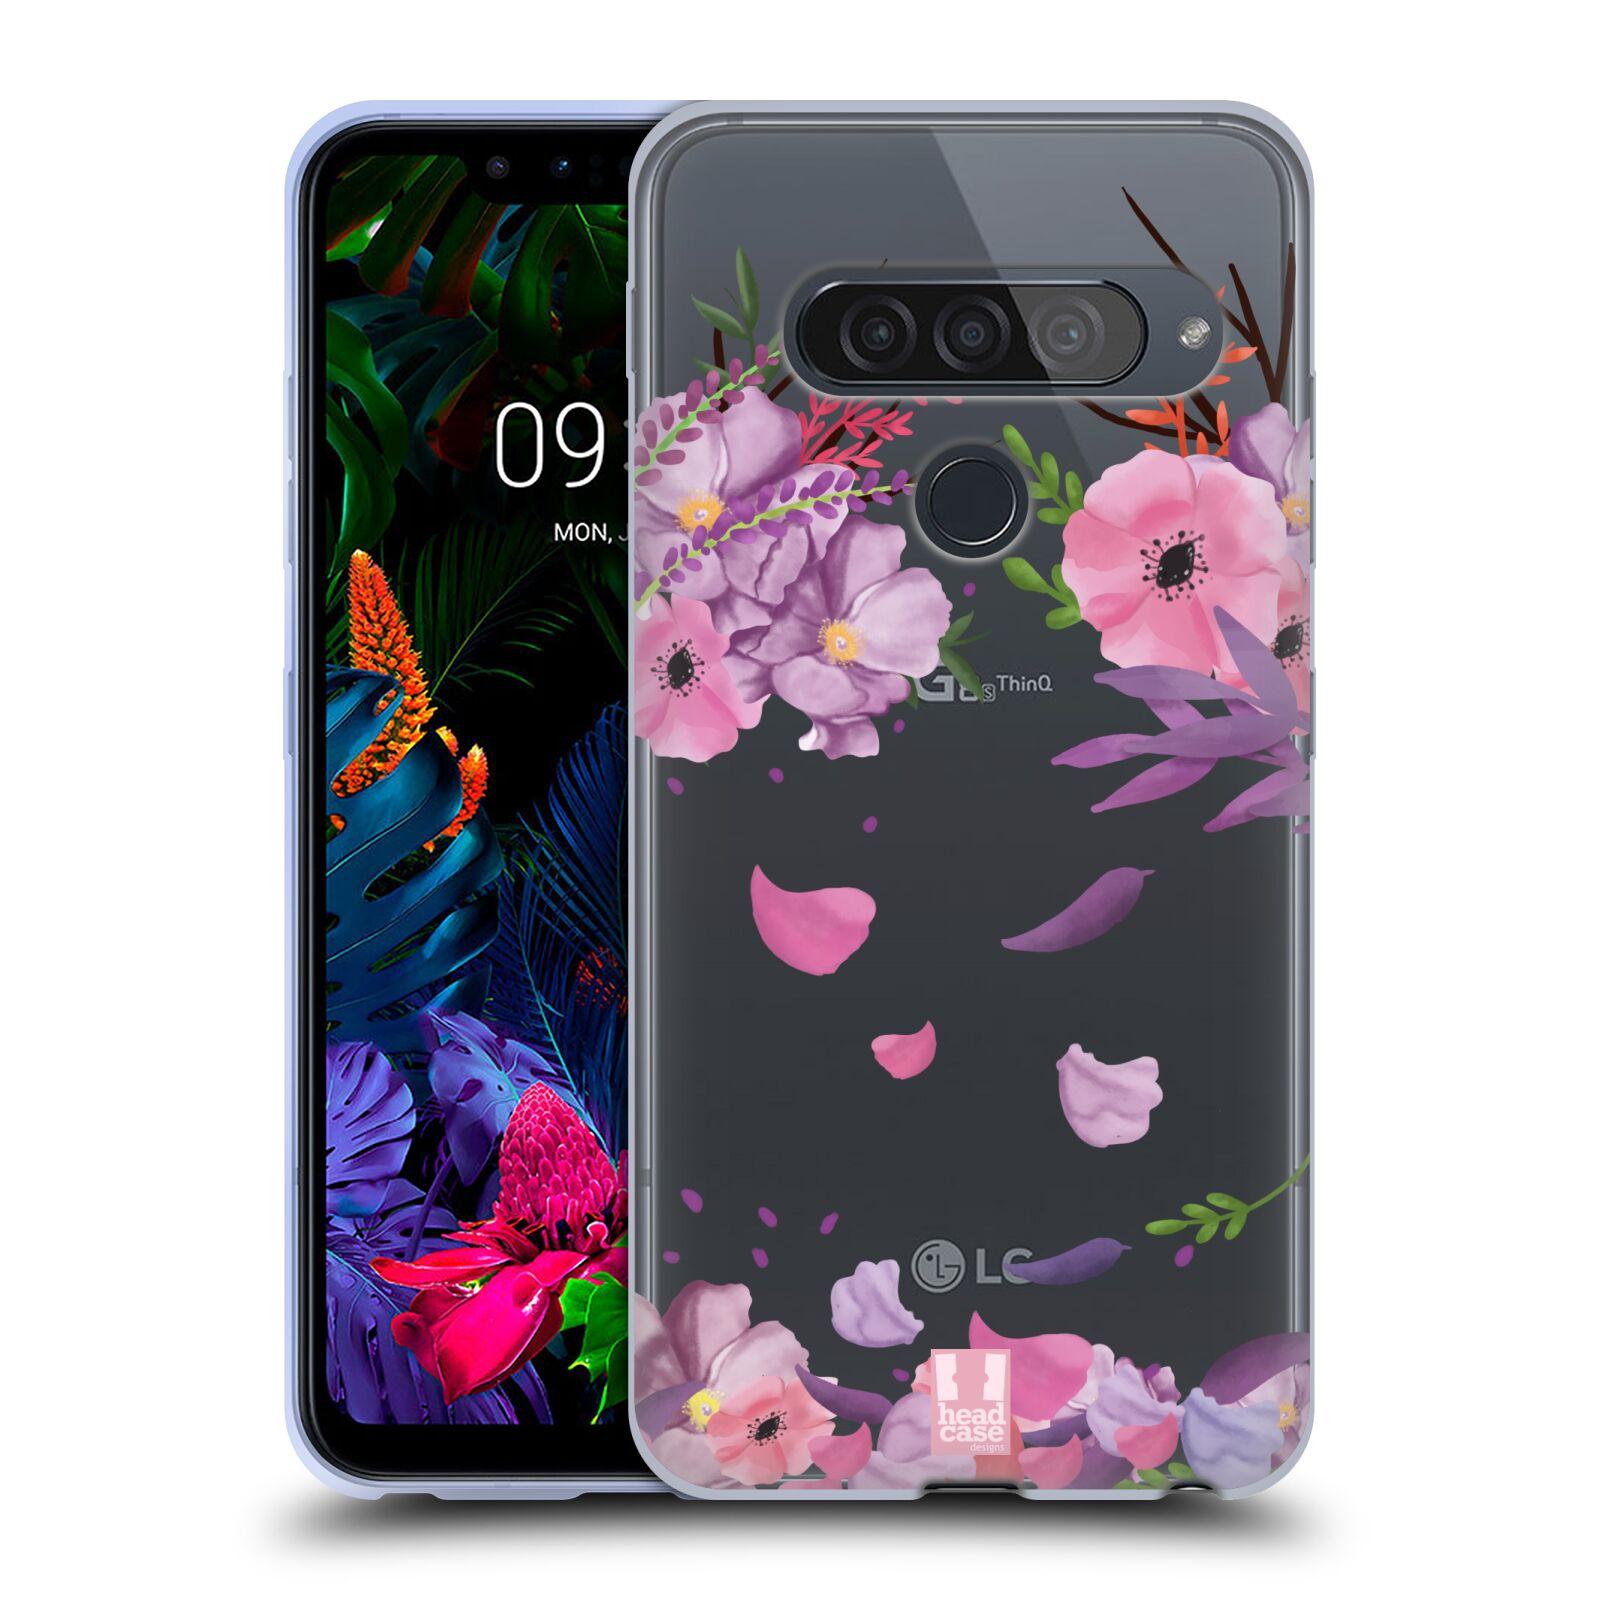 Silikonové pouzdro na mobil LG G8s ThinQ - Head Case - Okvětní lístky